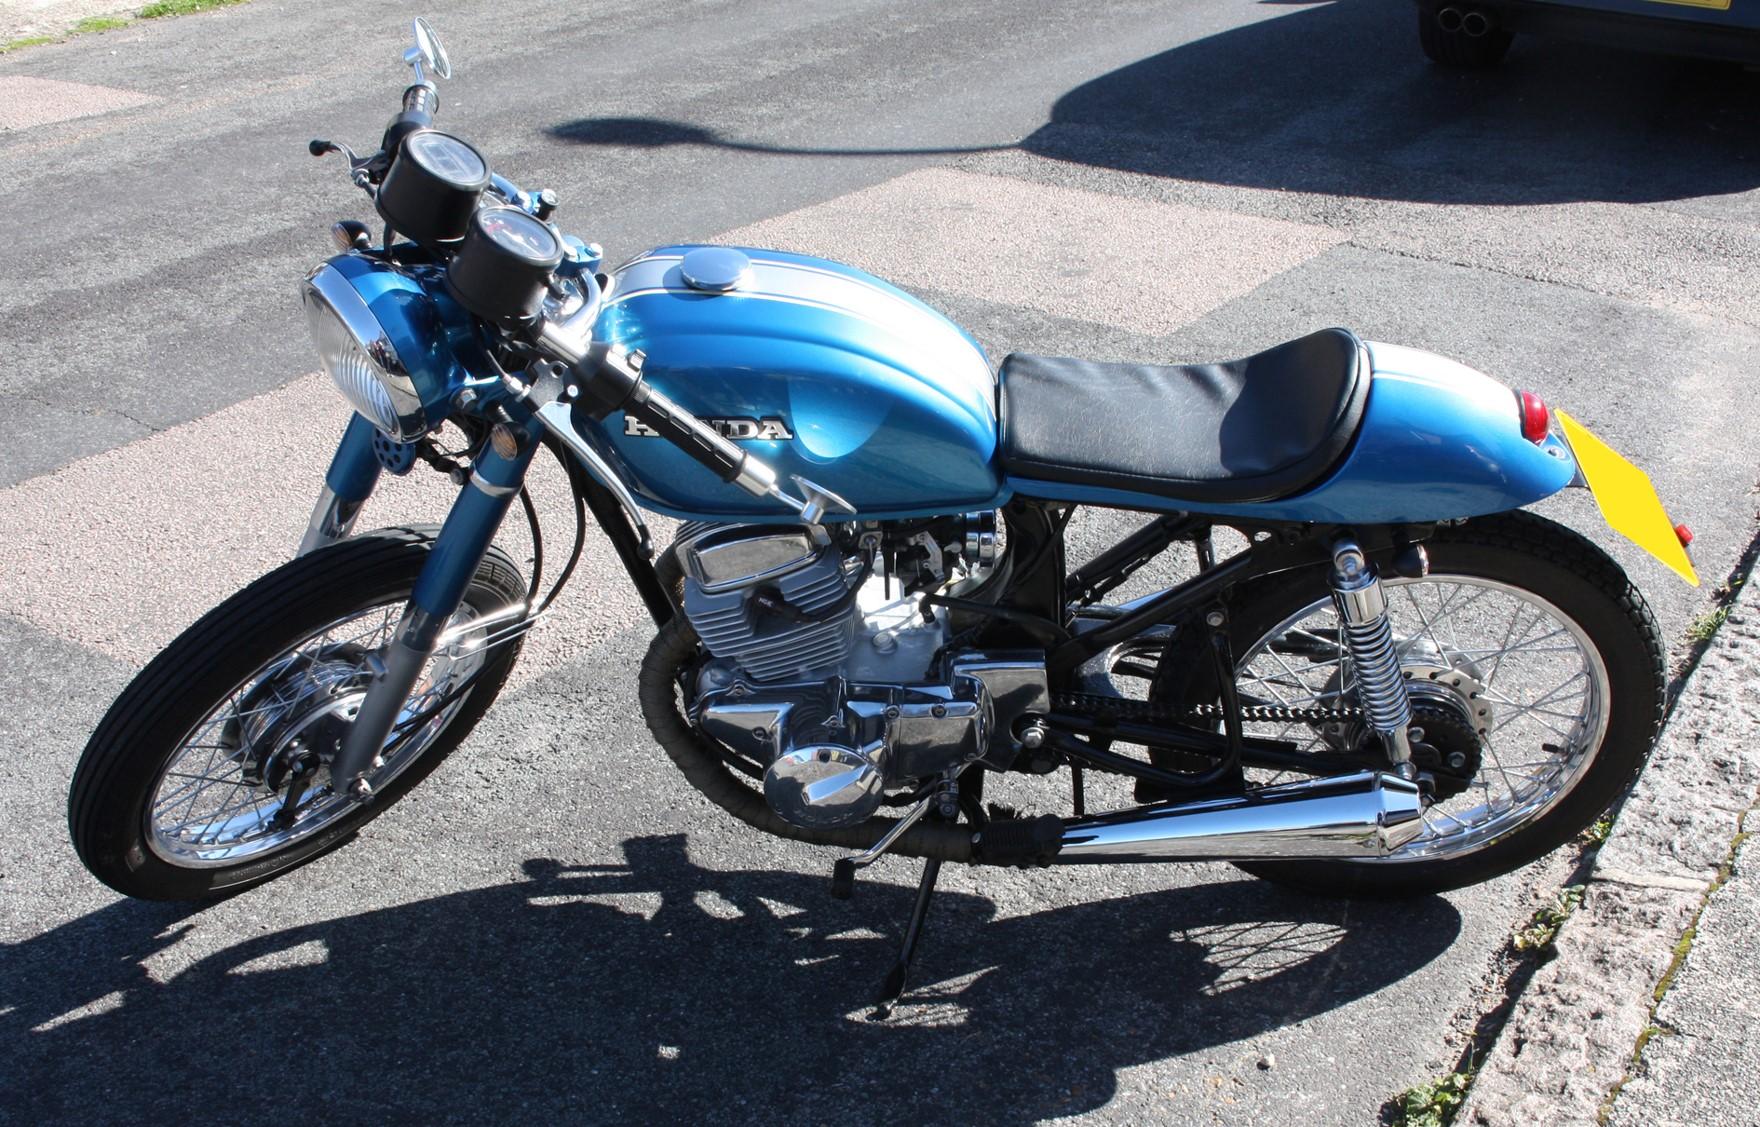 Honda CD200 – Customer Bike